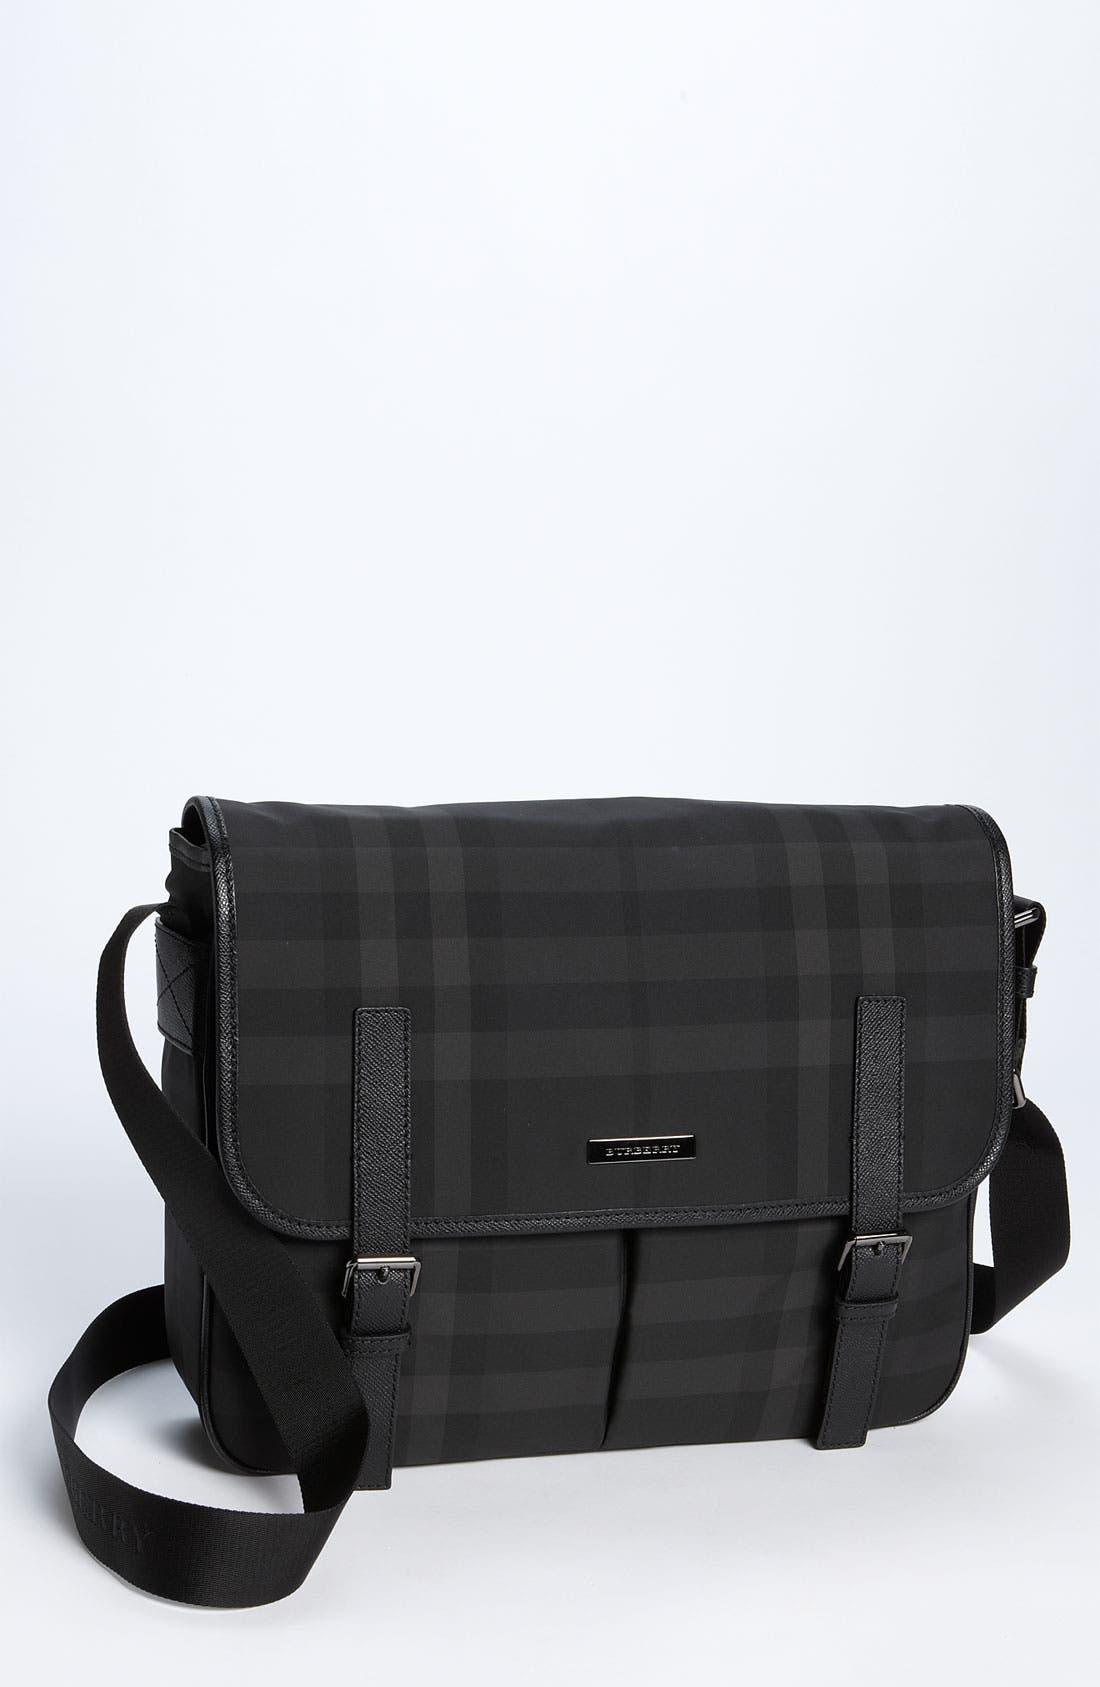 Main Image - Burberry Medium Check Messenger Bag